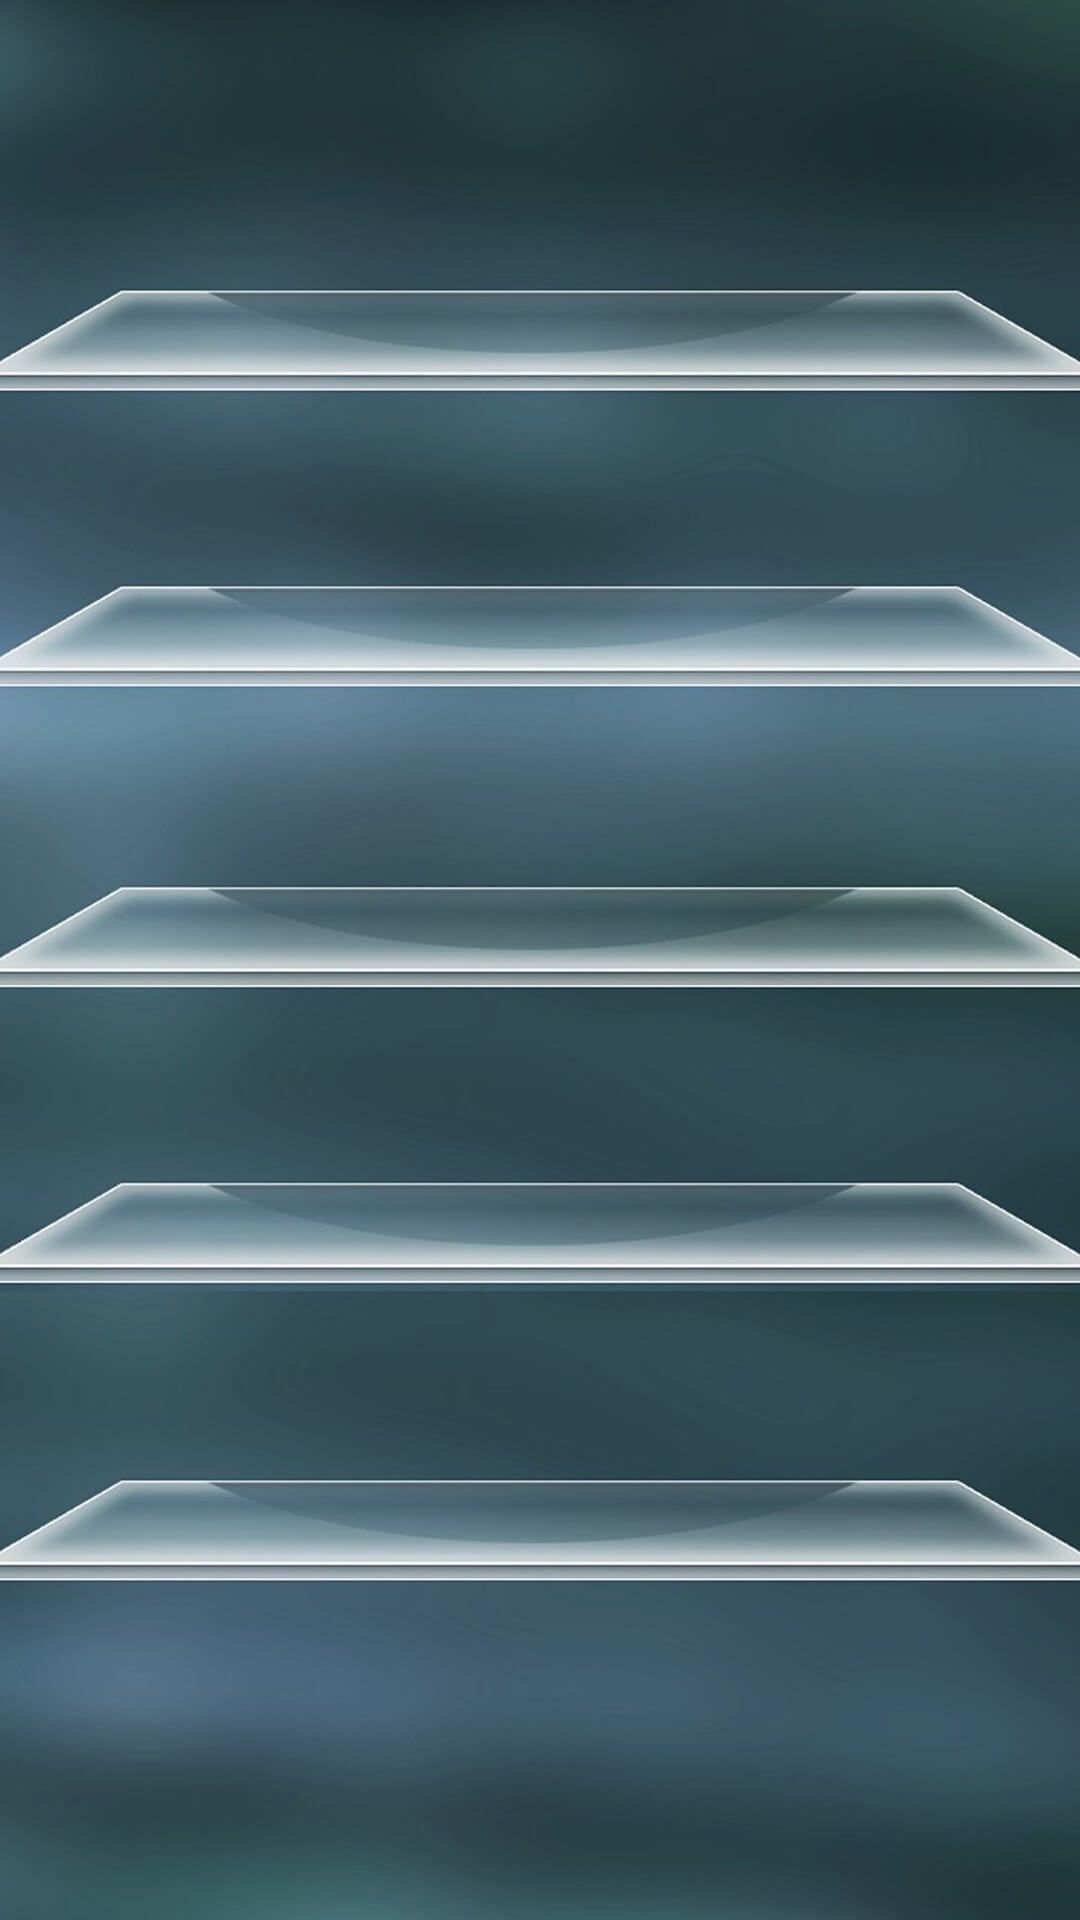 ガラスの棚 Iphonex スマホ壁紙 待受画像ギャラリー Iphone7plus 壁紙 壁紙 本棚 壁紙